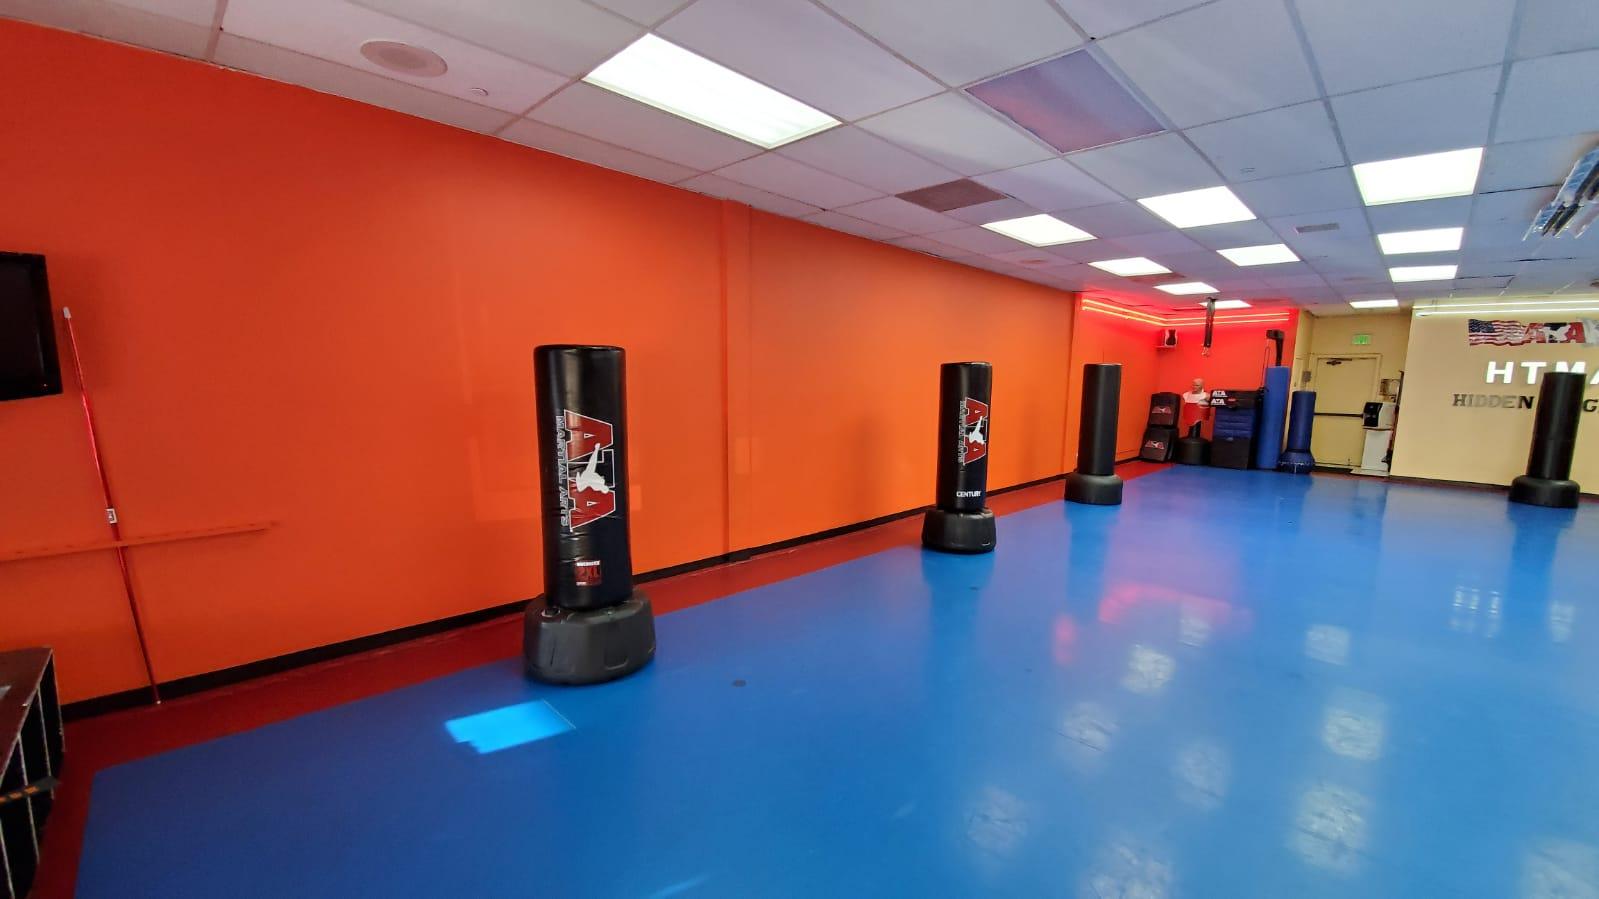 martial art coaching classes in orange